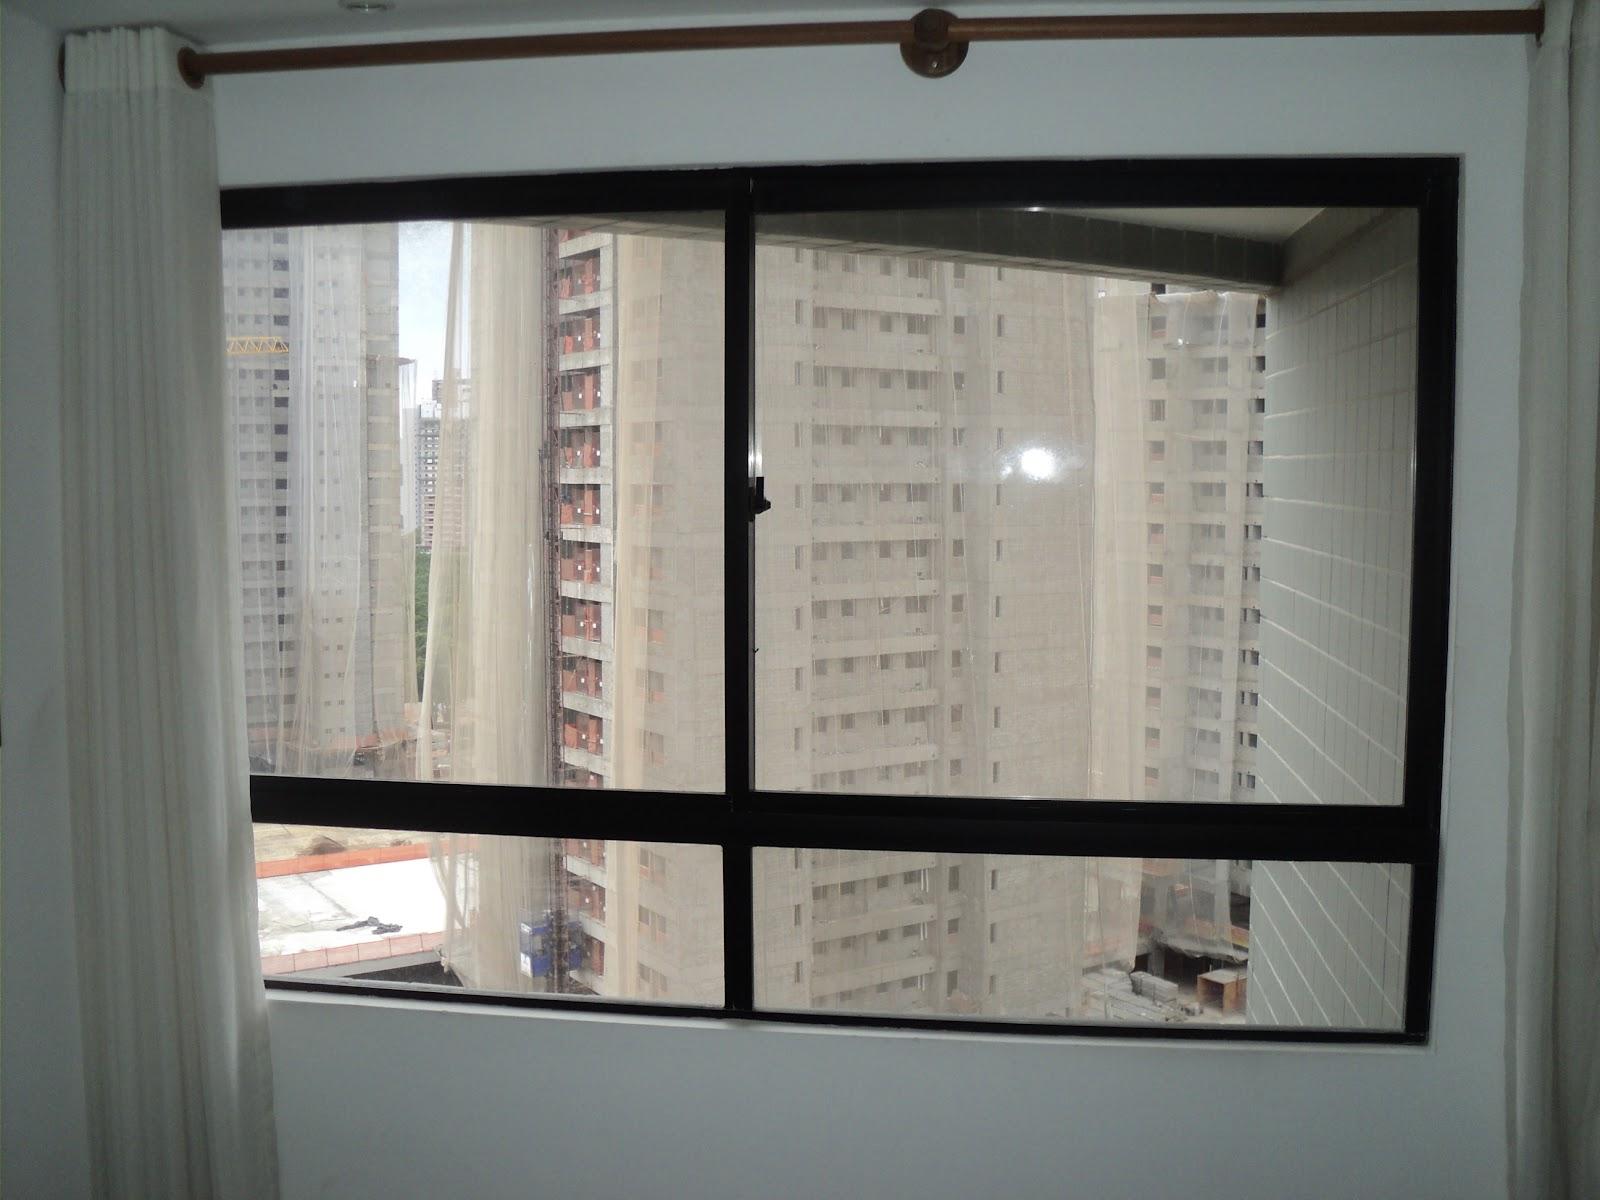 #726959  whatsapp: Películas em janelas de apartamento em Boa Viagem Recife 108 Janelas De Vidro Em Recife